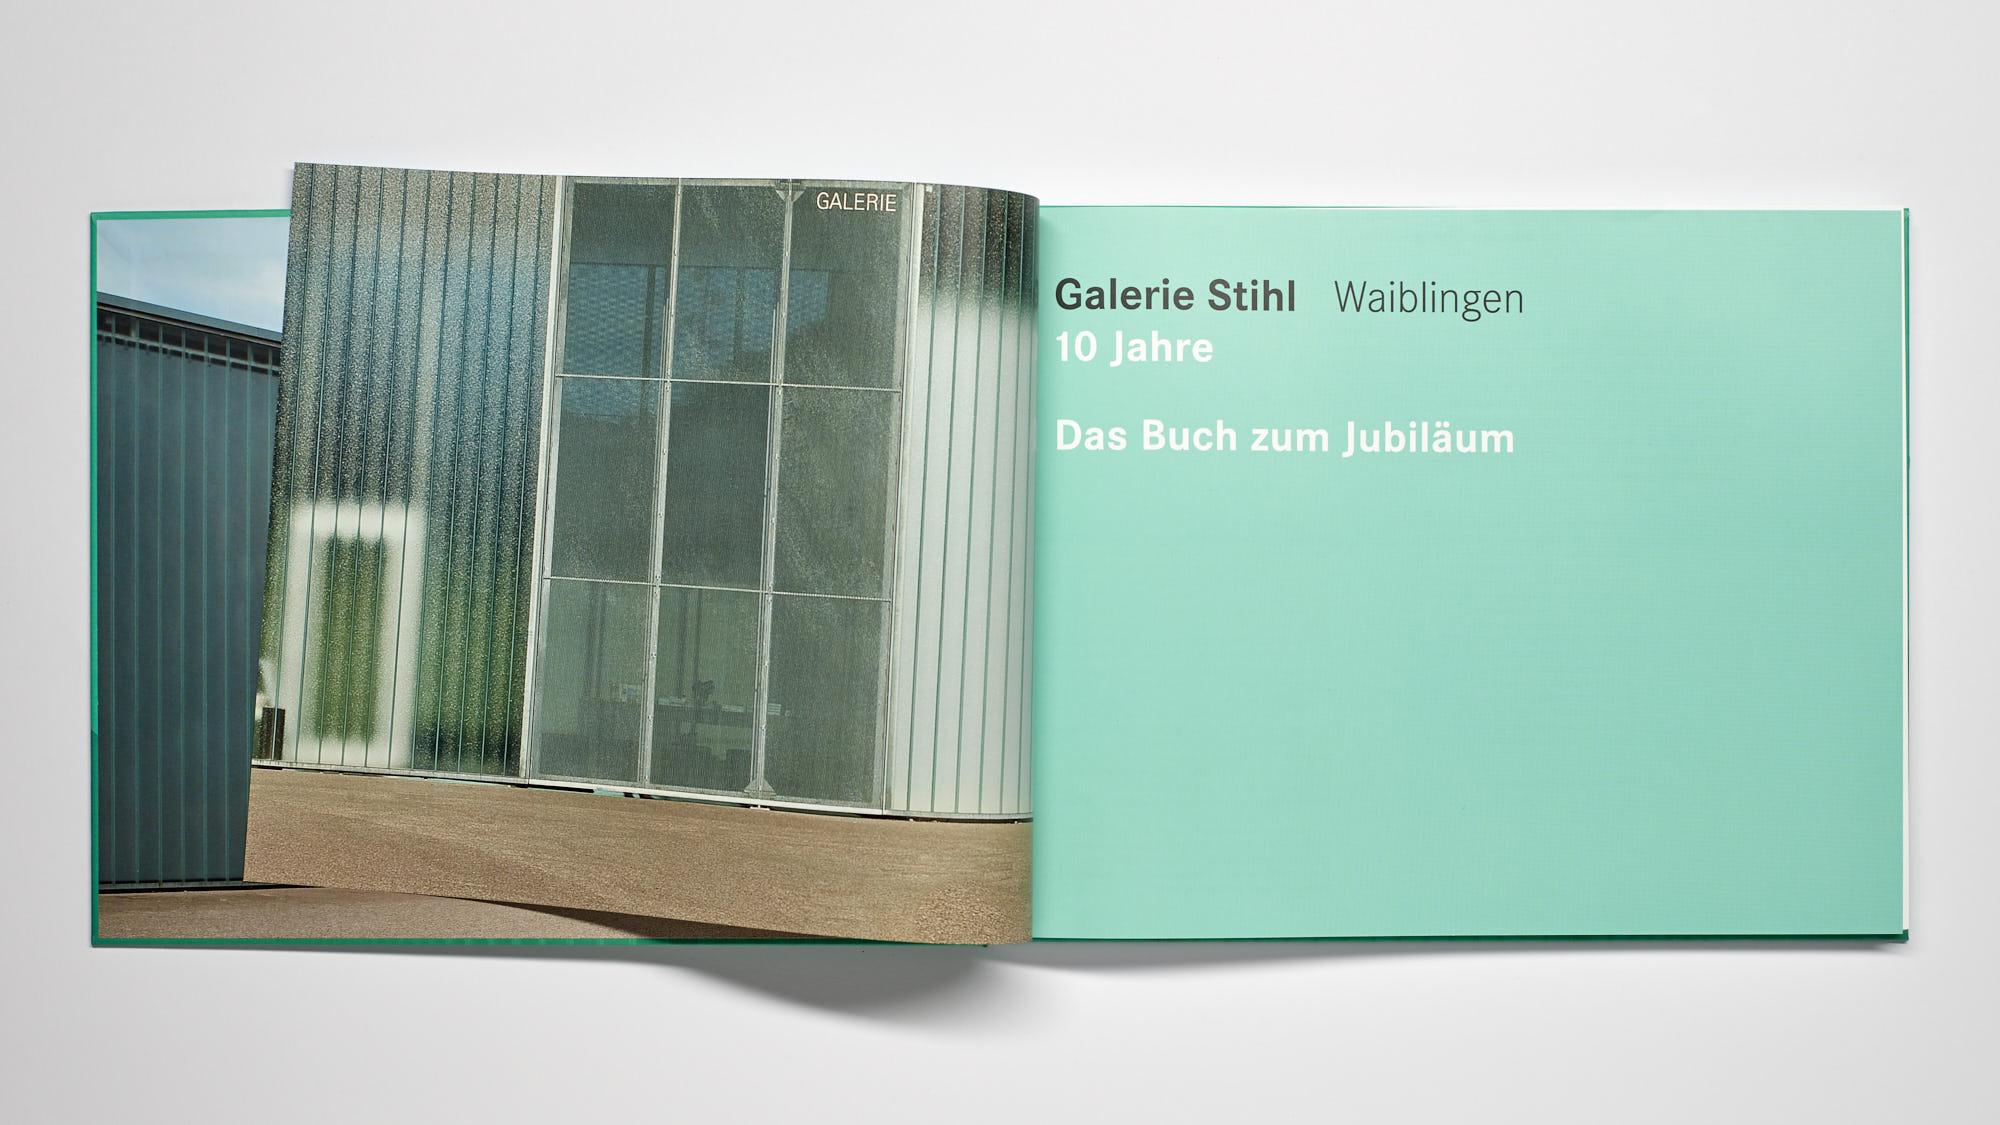 Stihl Galerie WN Eingang  - 10 Jahre Galerie Stihl Waiblingen